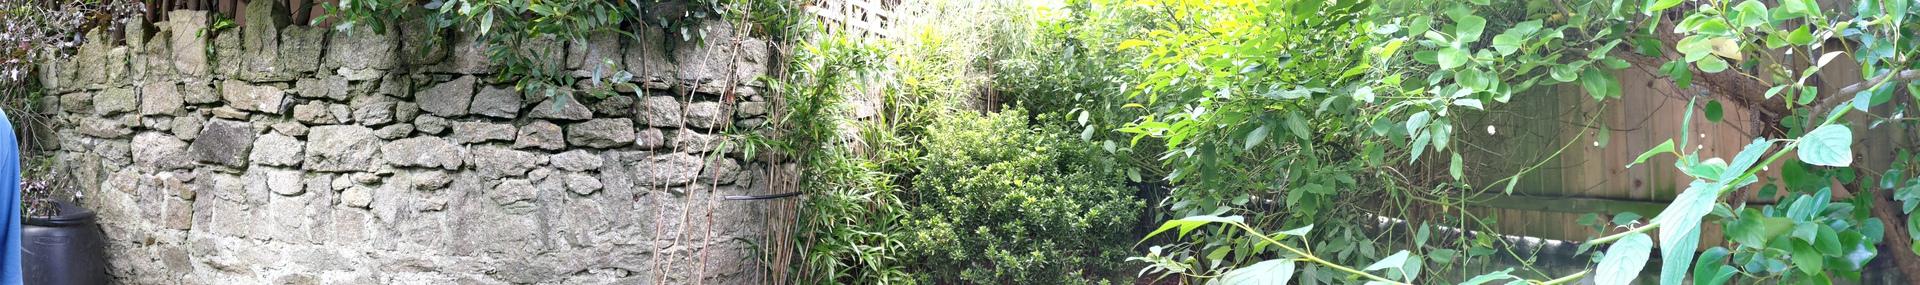 Asus Zenfone 7 Pro panorama in a garden